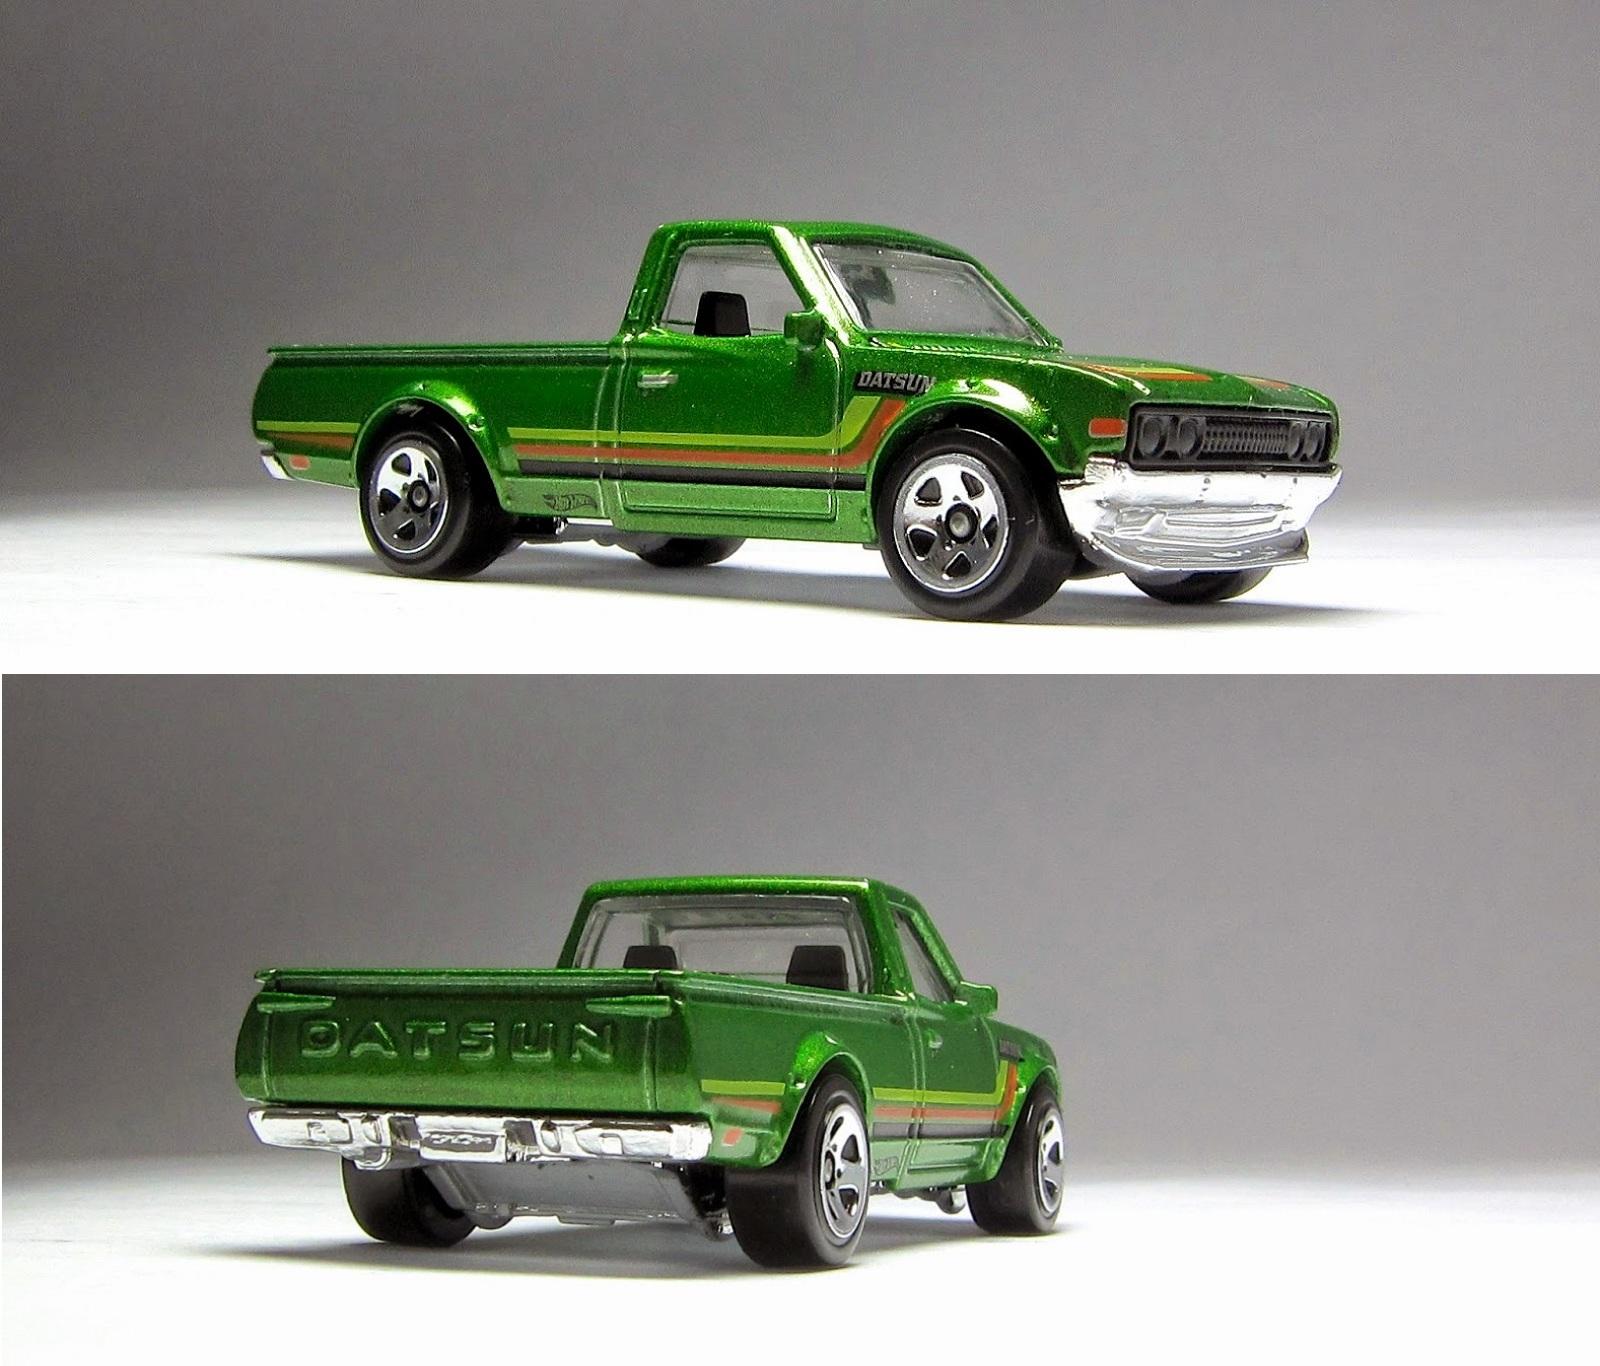 Hot Wheels Datsun 620 Green - Update Daftar Harga Terbaru ...